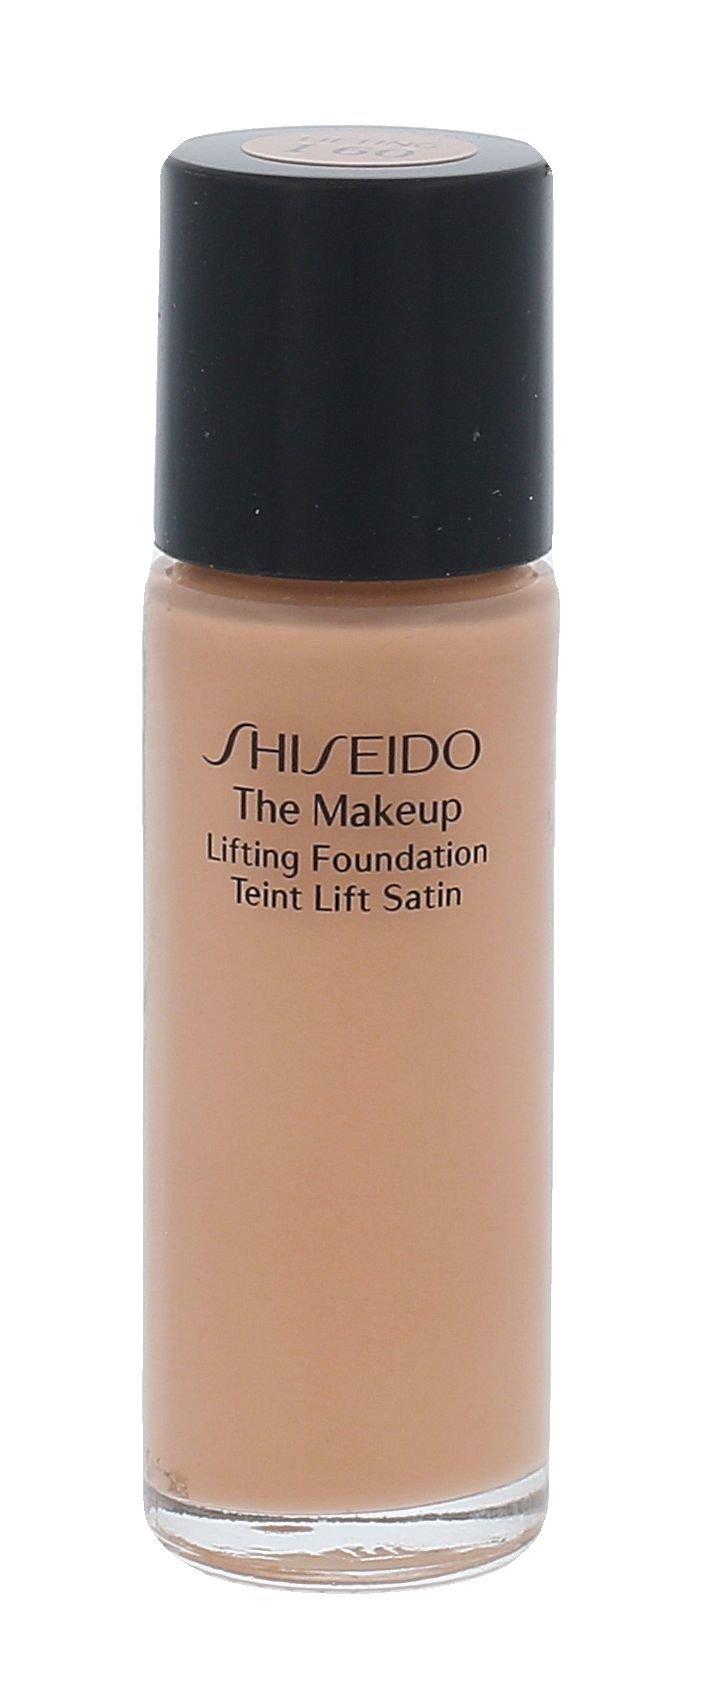 Shiseido The Makeup Cosmetic 15ml I60